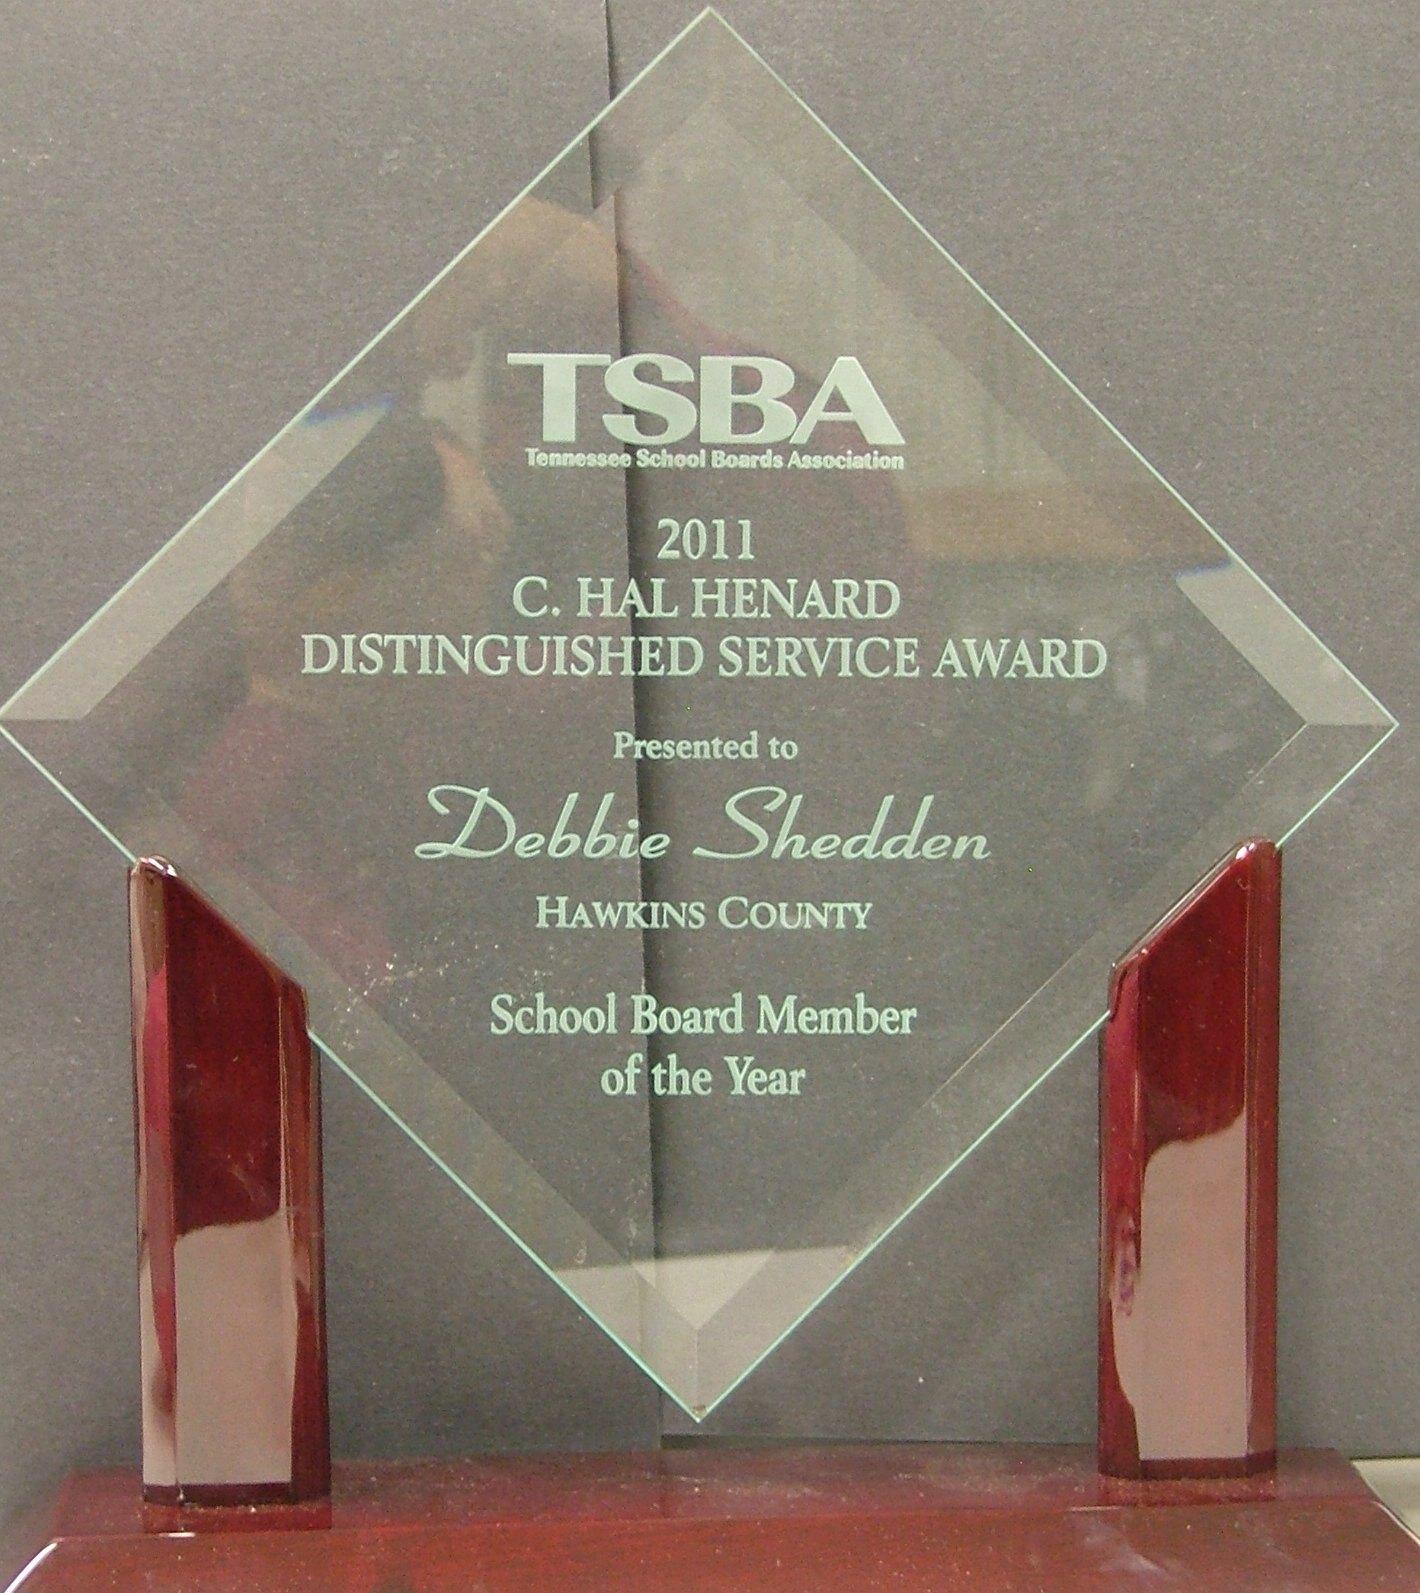 Debbie Shedden received the TSBA C.Hal Henard Distinguished Service Awar